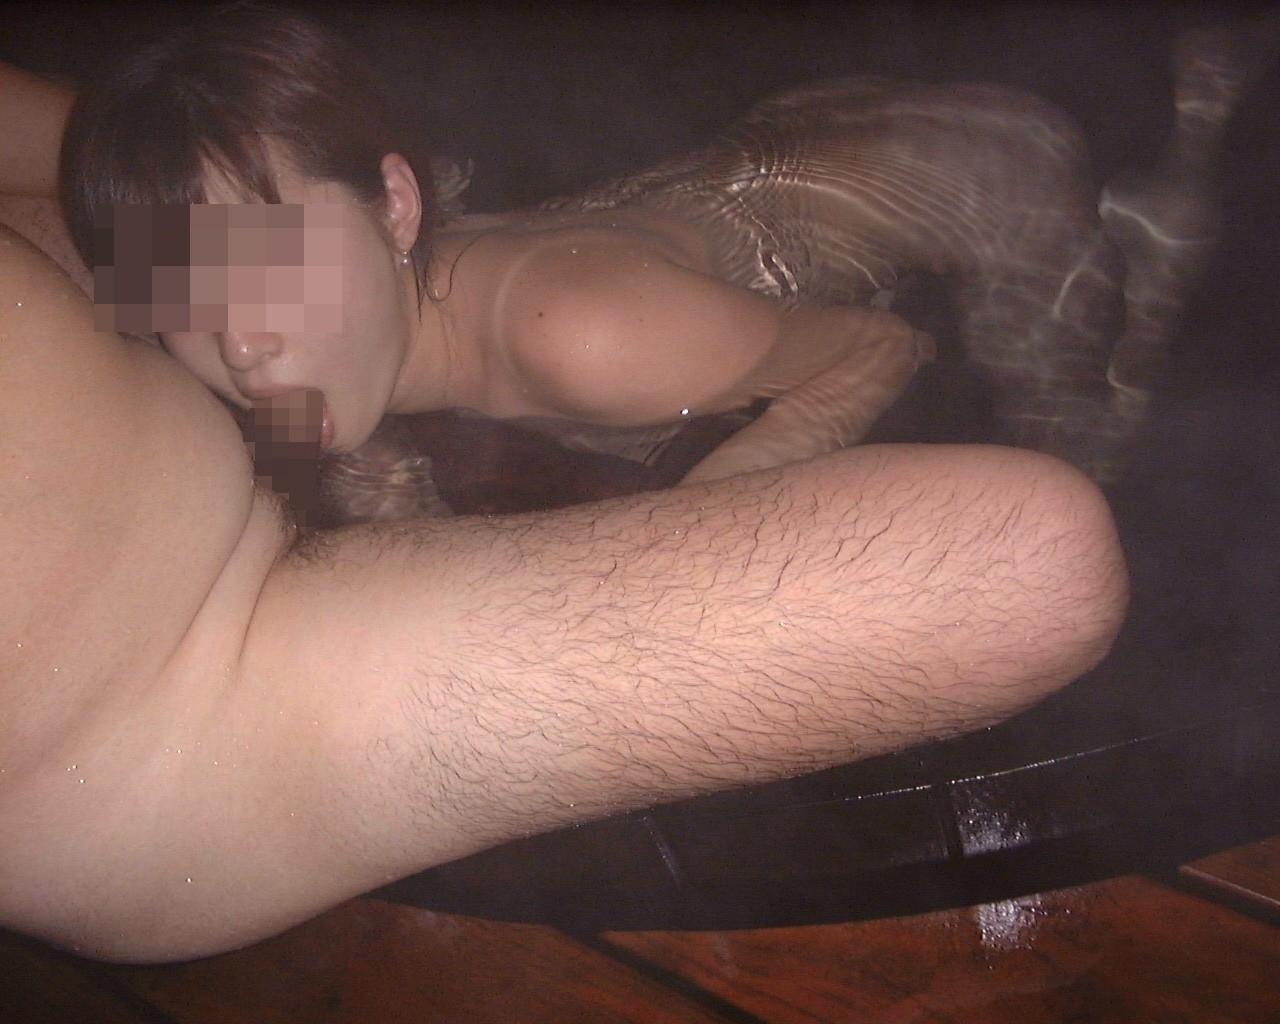 露天風呂や混浴でソープ気分味わってるシロウトカップルが裏山すぎる件wwwwwwwwww(リベンジポルノ写真あり)